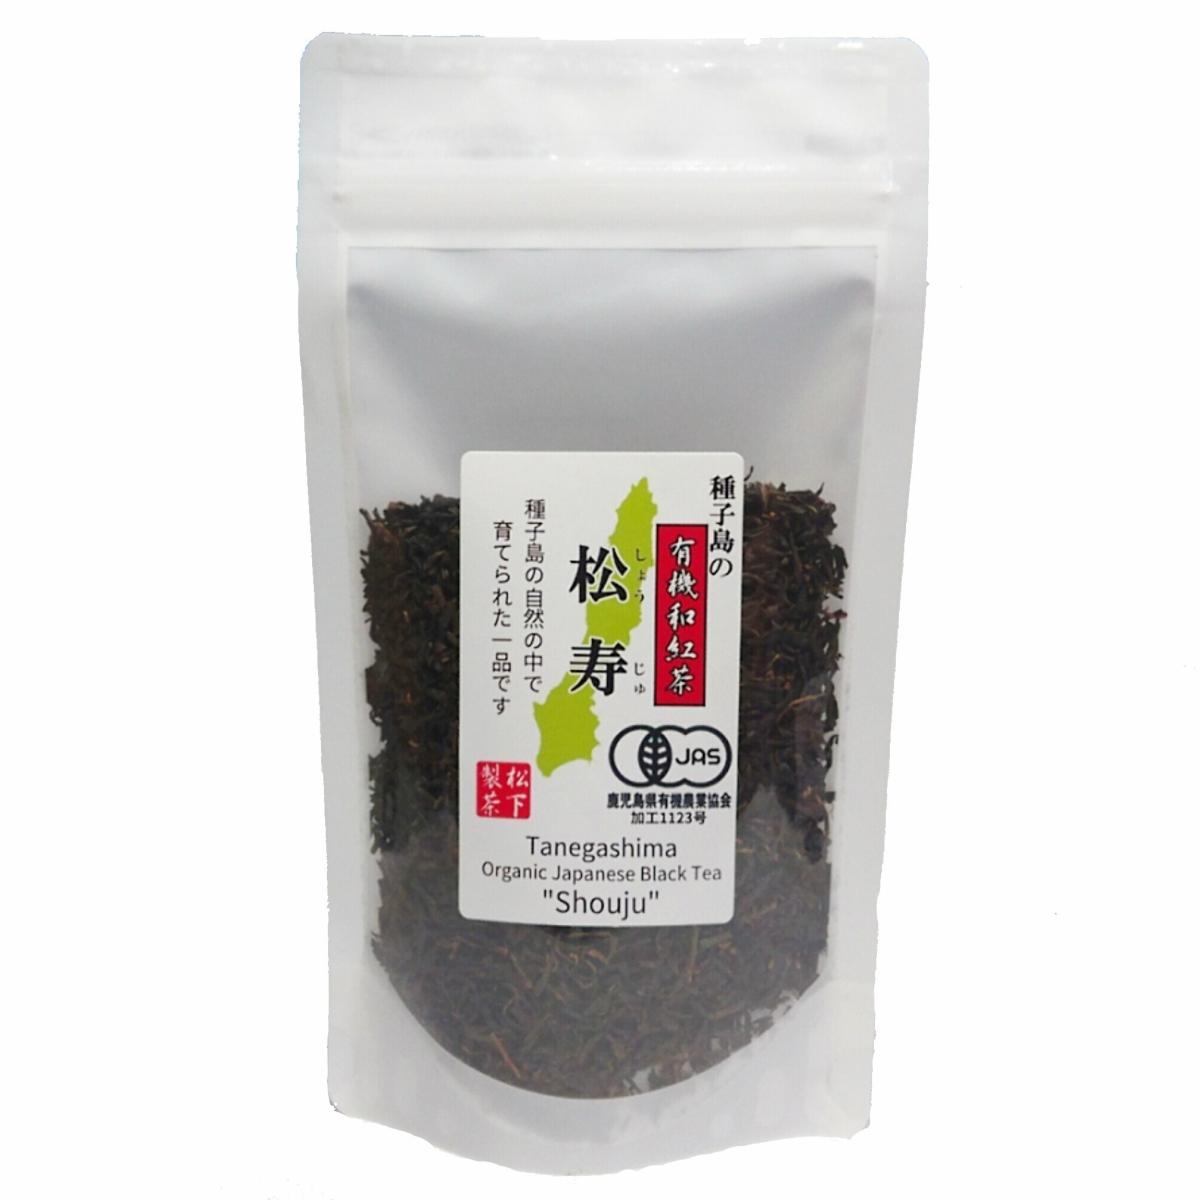 【希少品種】種子島の有機和紅茶『松寿(しょうじゅ)』 茶葉(リーフ) 60g 松下製茶